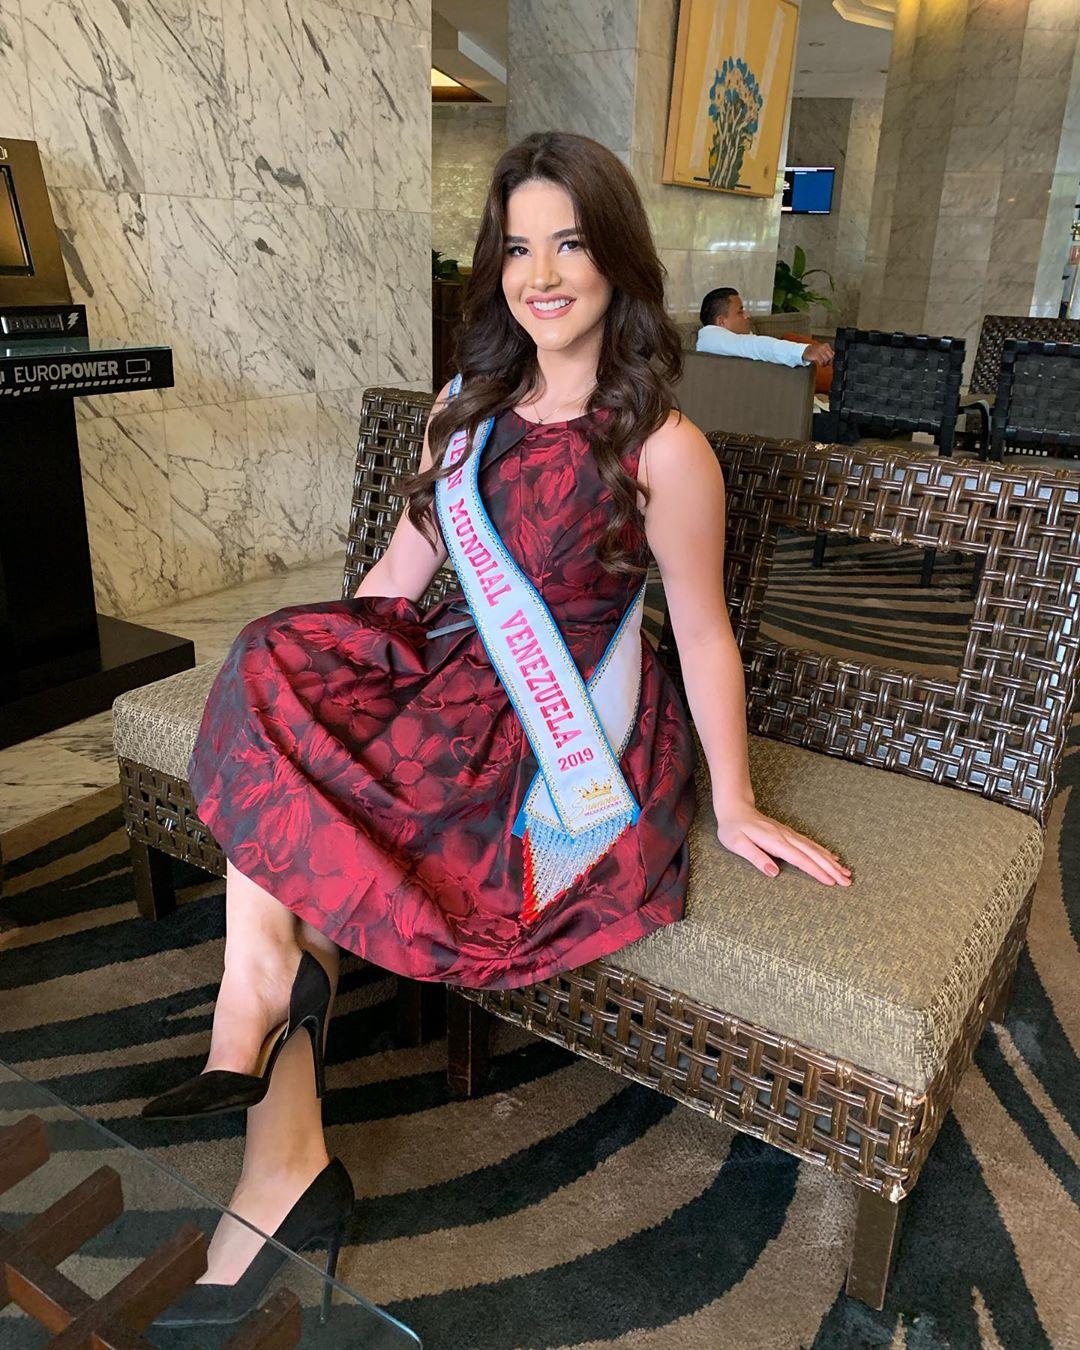 daniela di venere, top 12 de miss teen mundial 2019. 57402310